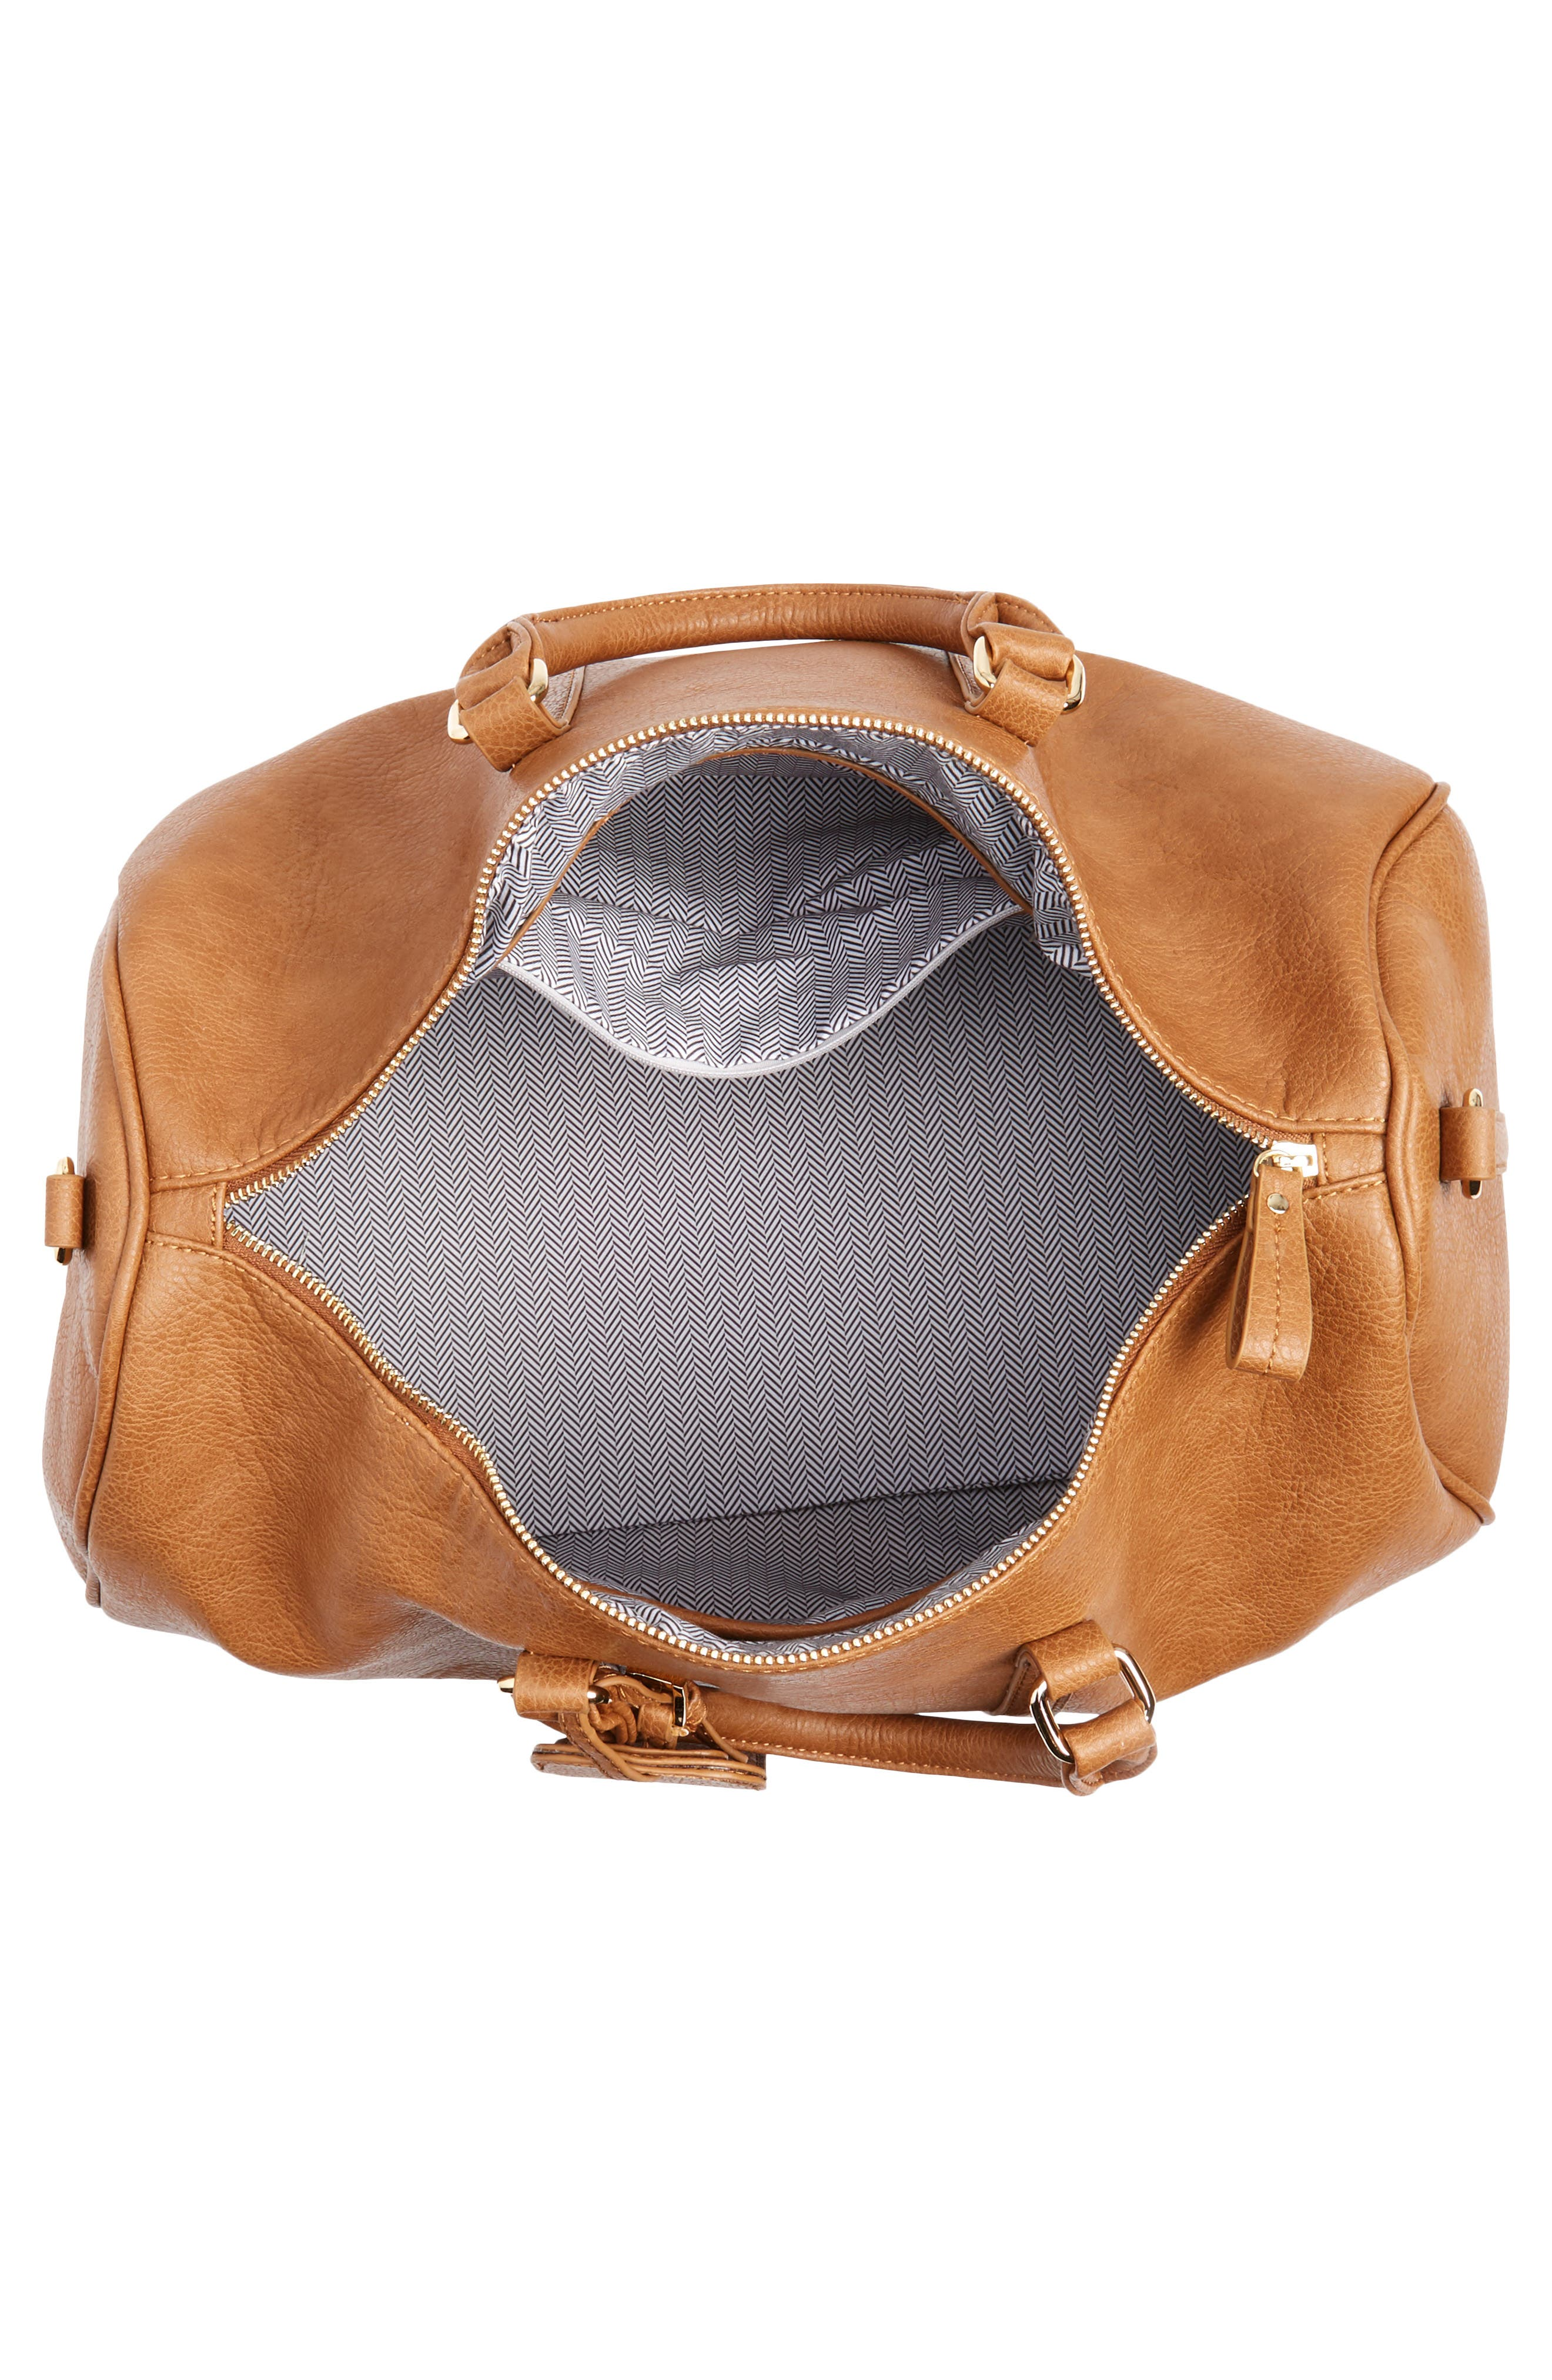 'Cassidy' Faux Leather Duffel Bag,                             Alternate thumbnail 4, color,                             COGNAC